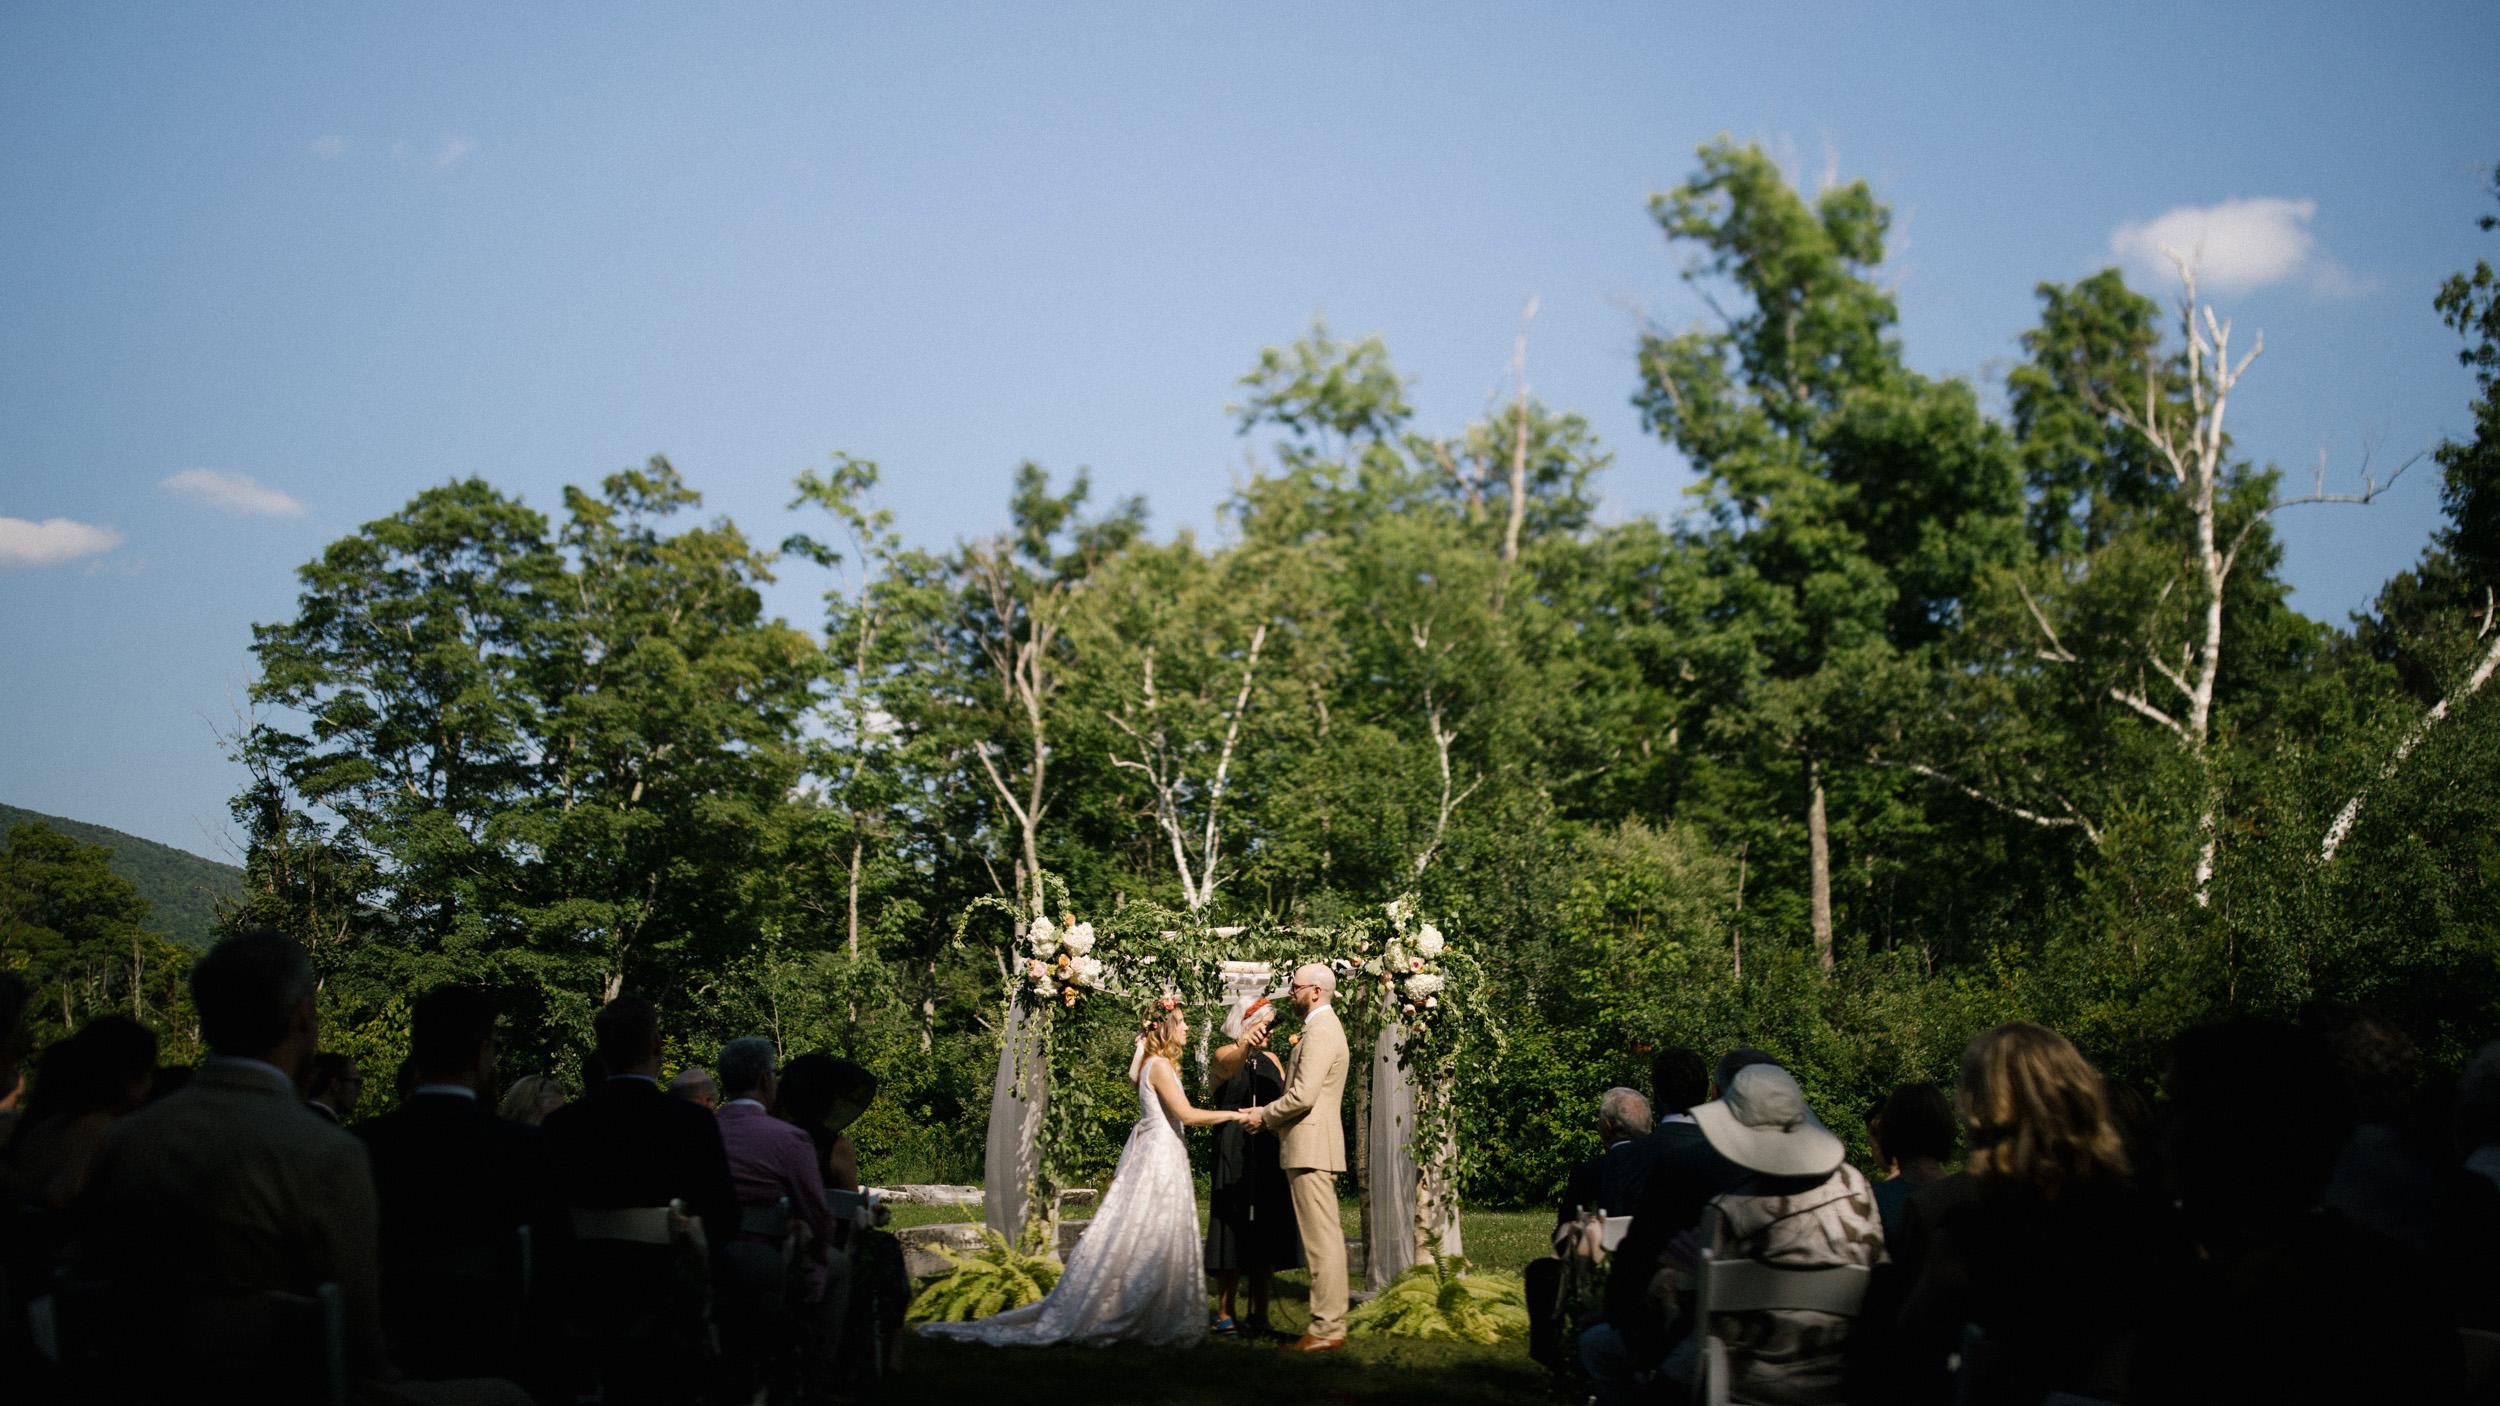 alec_vanderboom_vermont_wedding_photography-0083.jpg